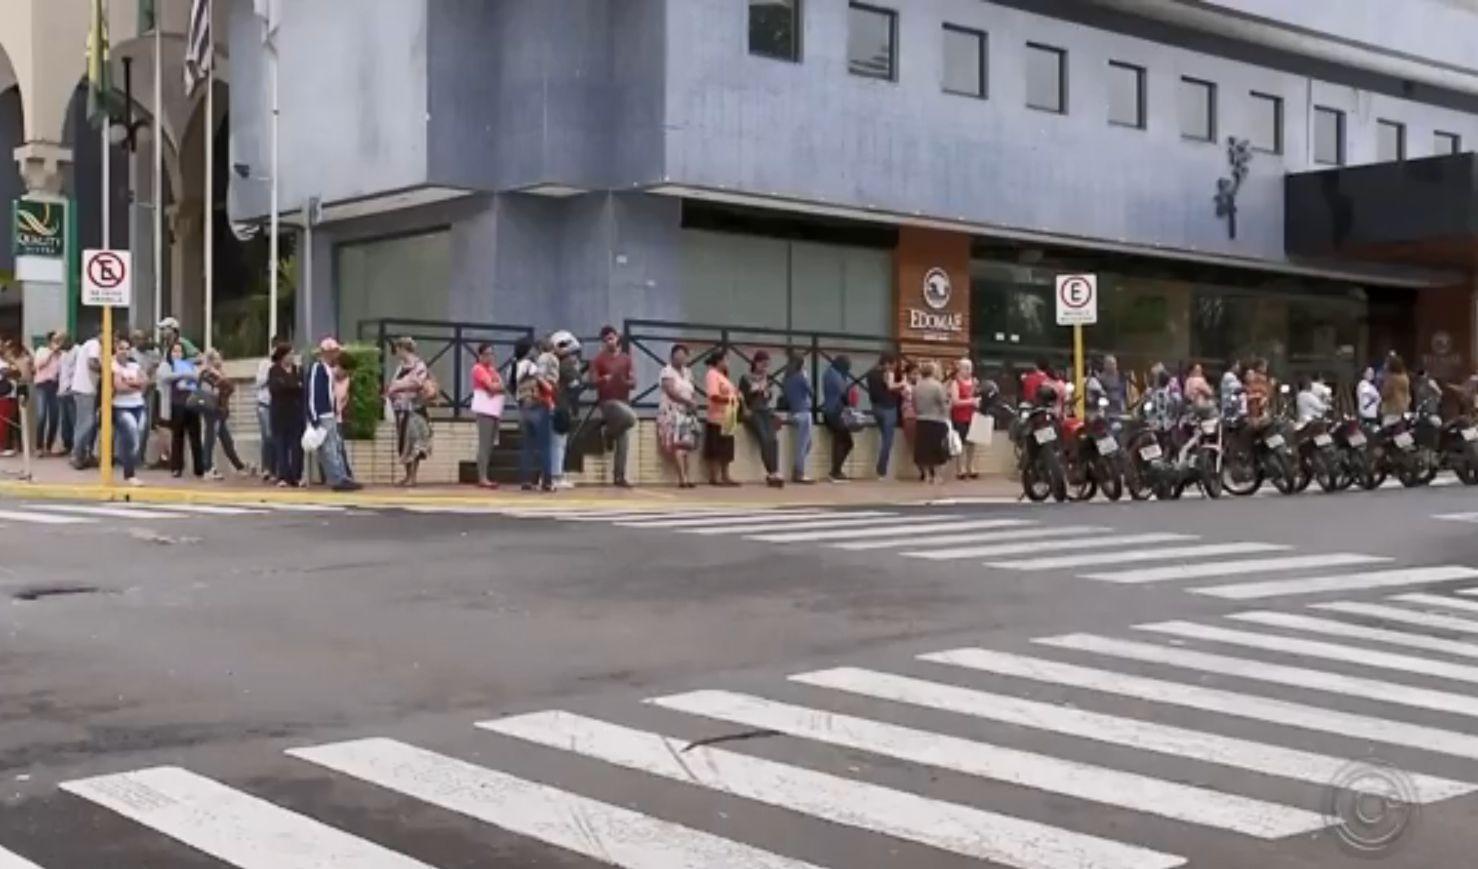 Defensoria Pública muda esquema de senhas para ampliar atendimento em Bauru - Noticias